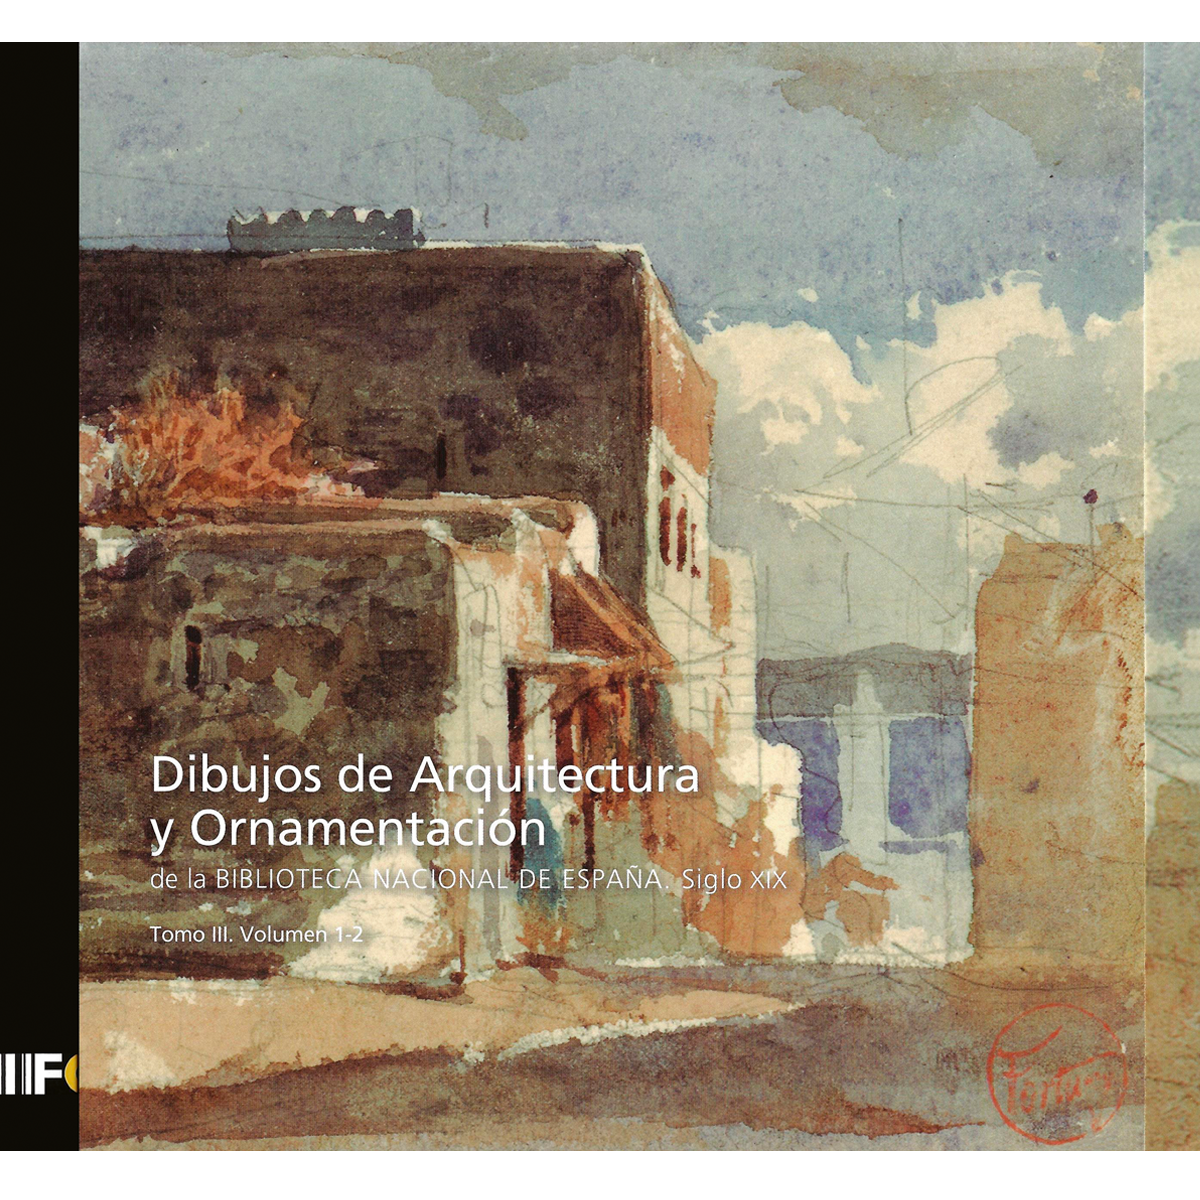 Dibujos de Arquitectura y Ornamentación de la Biblioteca Nacional de España